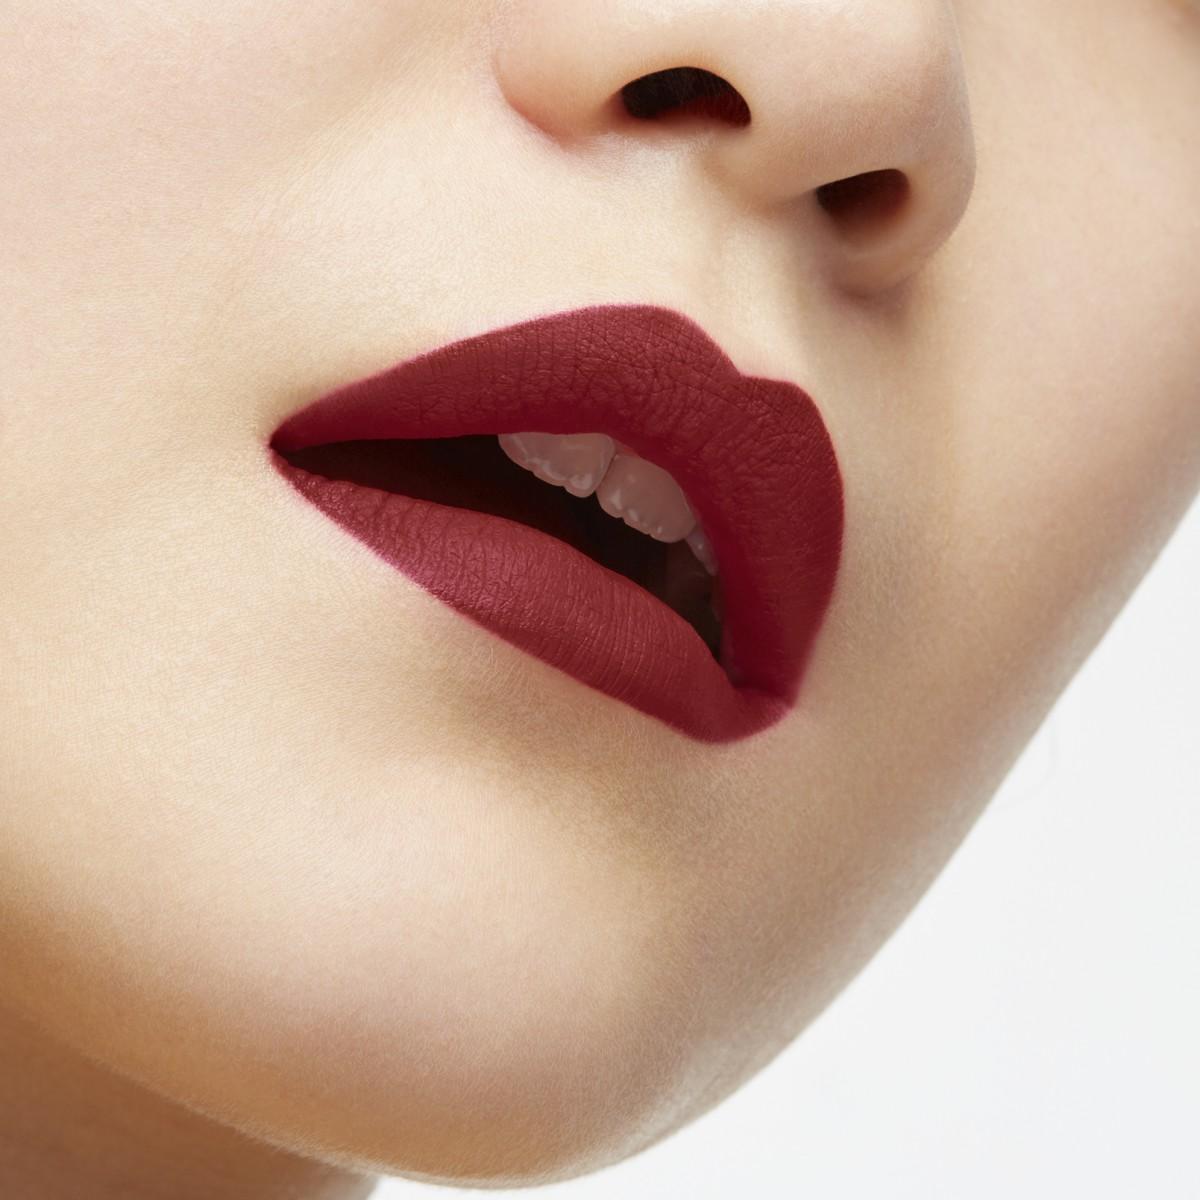 Beauty - Jackie - Christian Louboutin